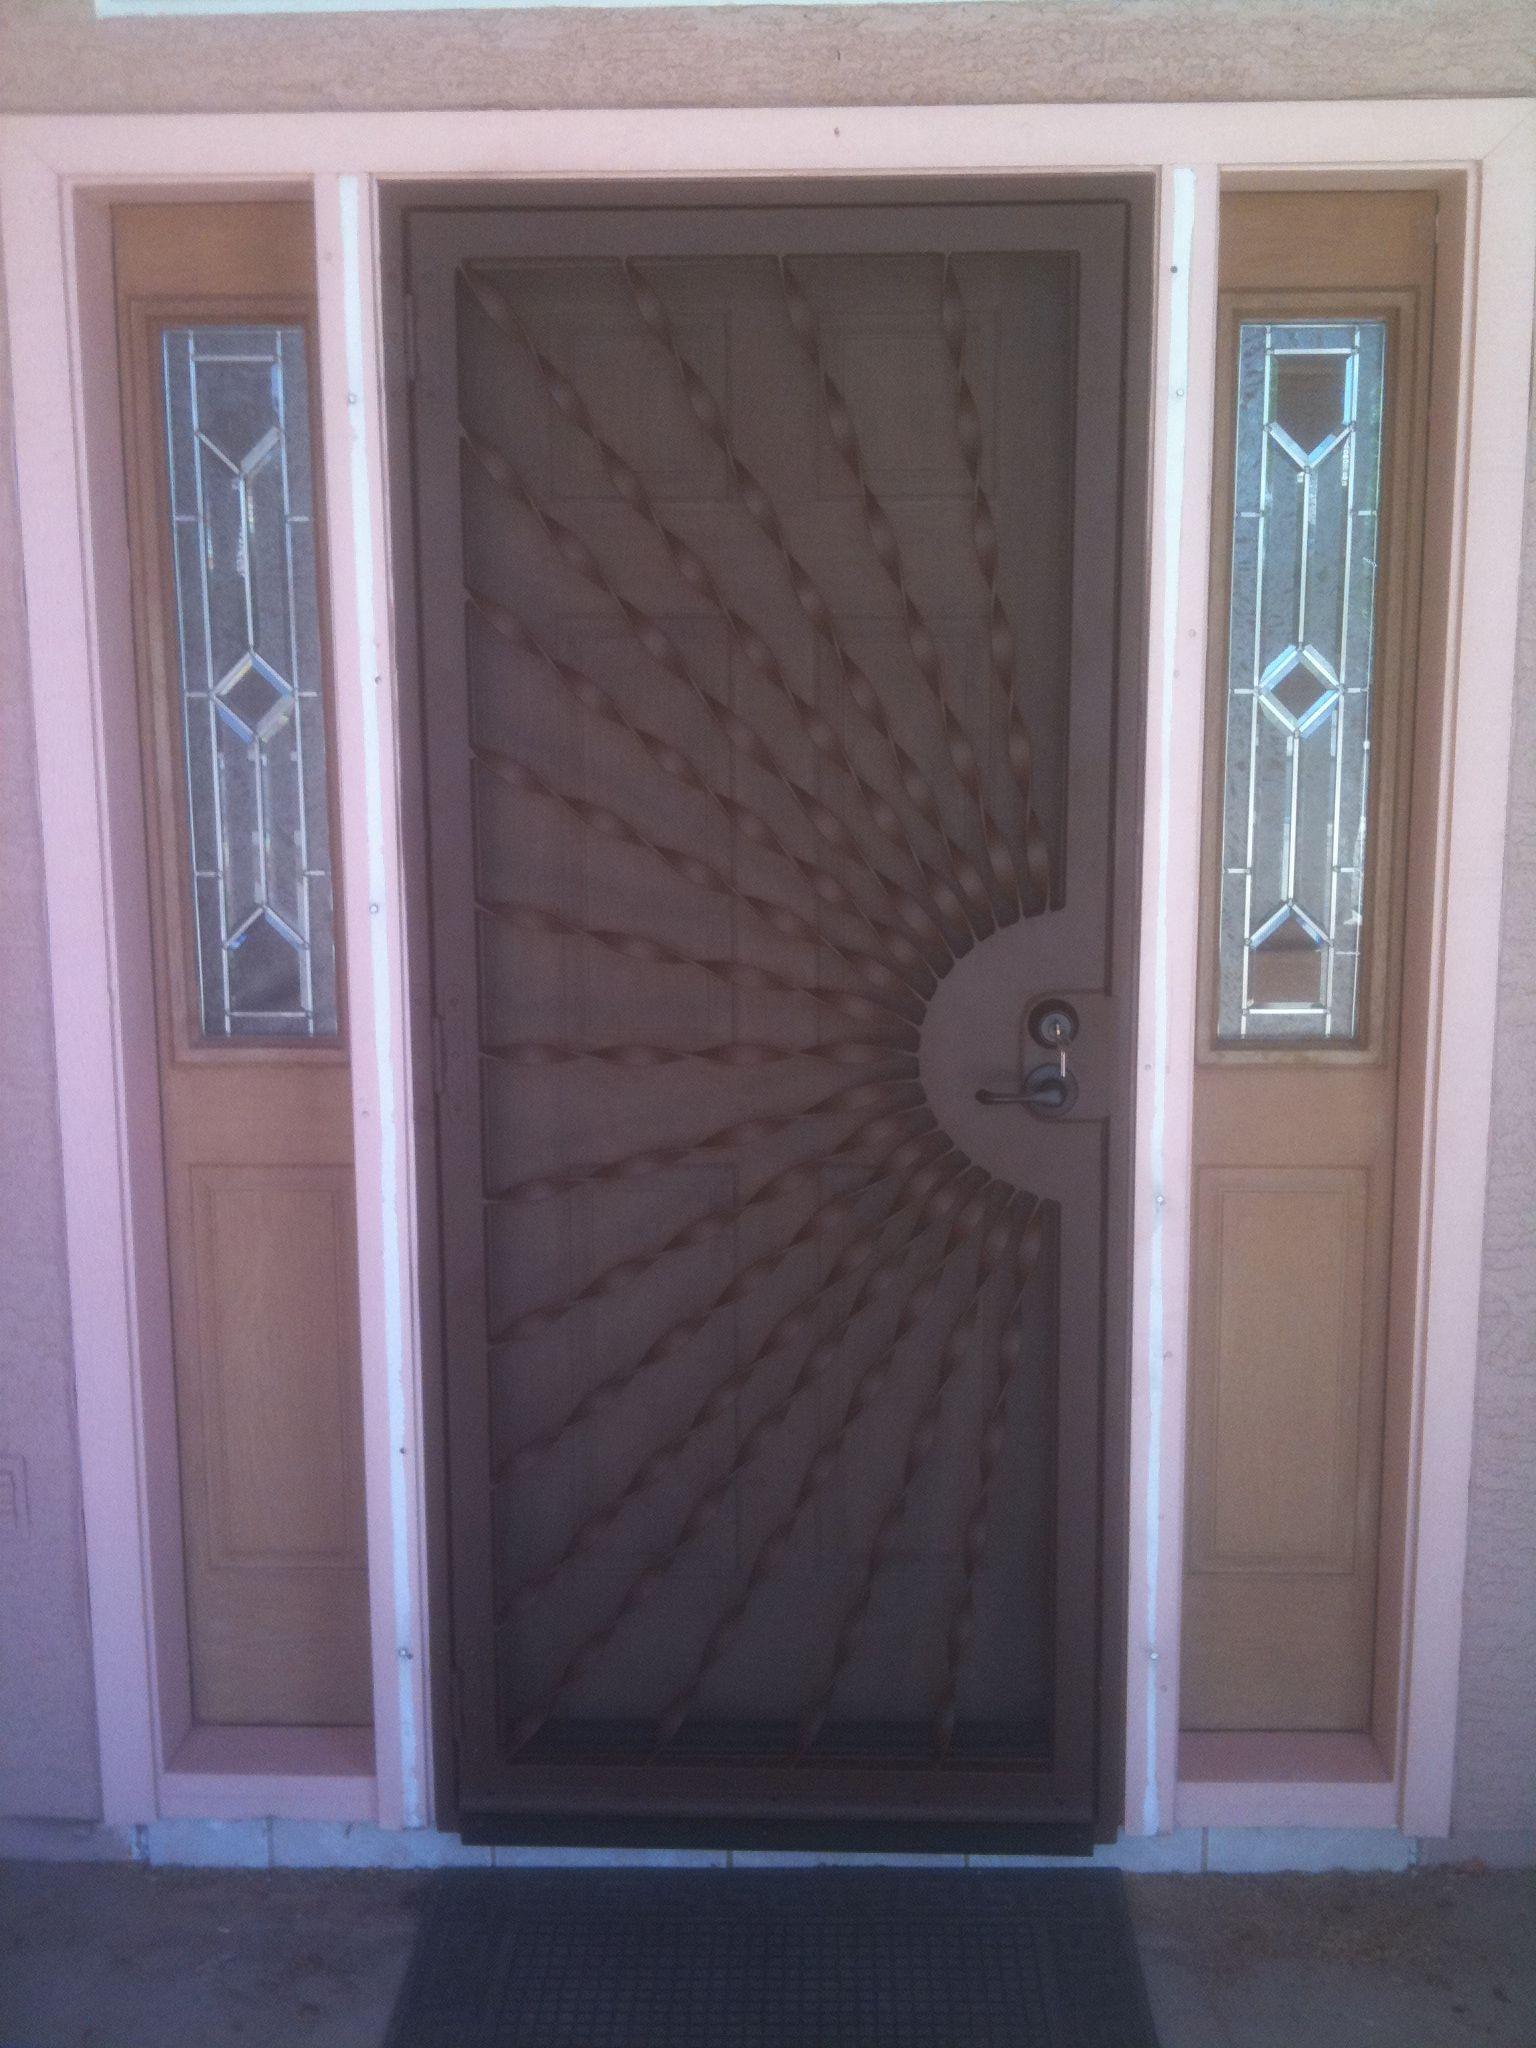 DCS Industries Custom Door Security Doors Custom Security Doors Arizona Security Doors & DCS Industries Custom Door Security Doors Custom Security Doors ...